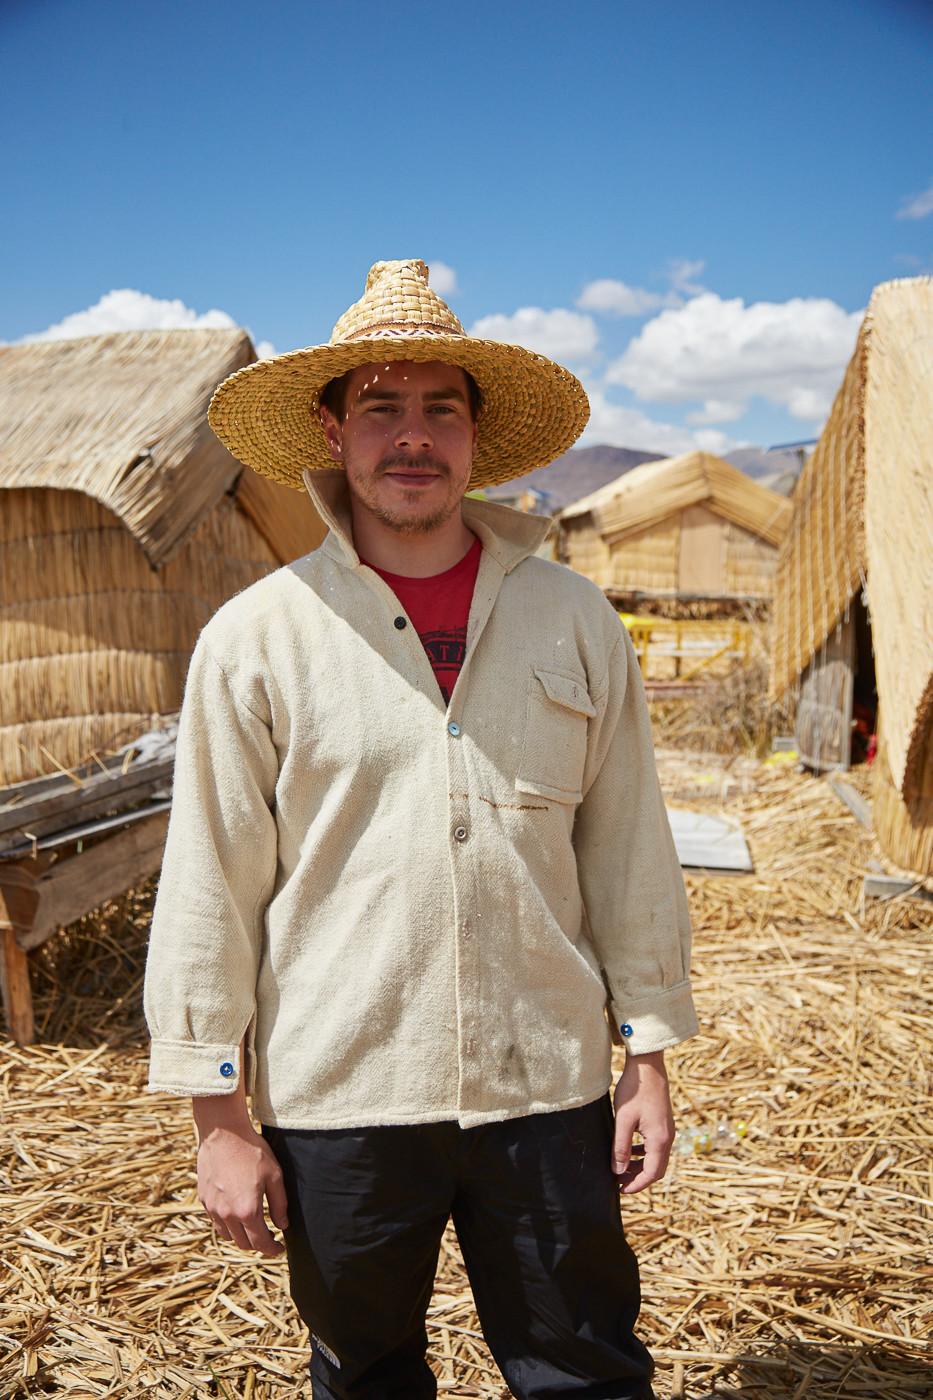 Ronnie in traditioneller Peruanischer Kleidung bei unserem Besuch auf den Uros Inseln